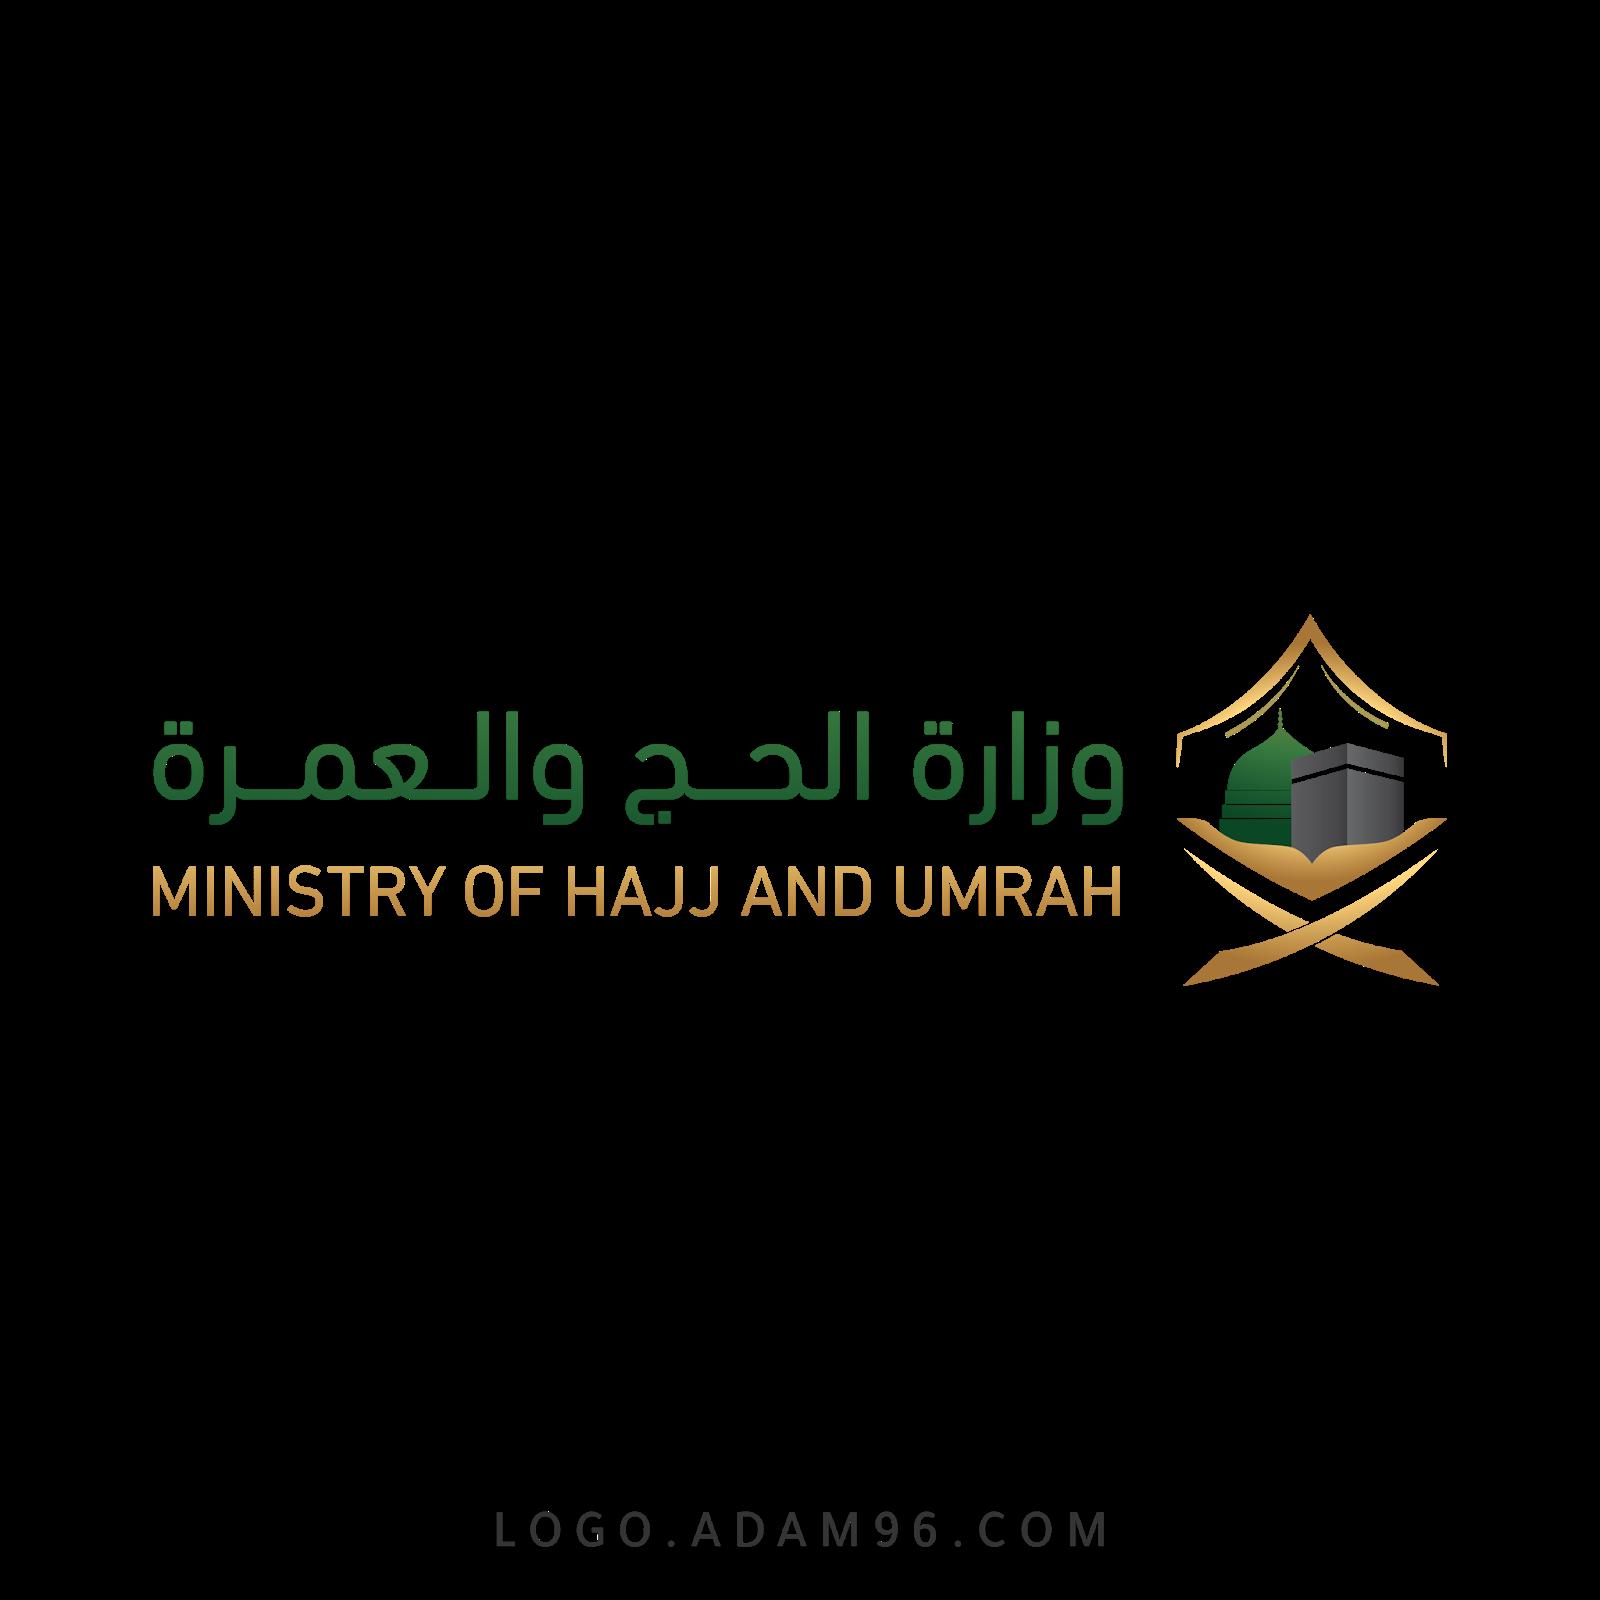 شعار وزارة الحج والعمرة Png